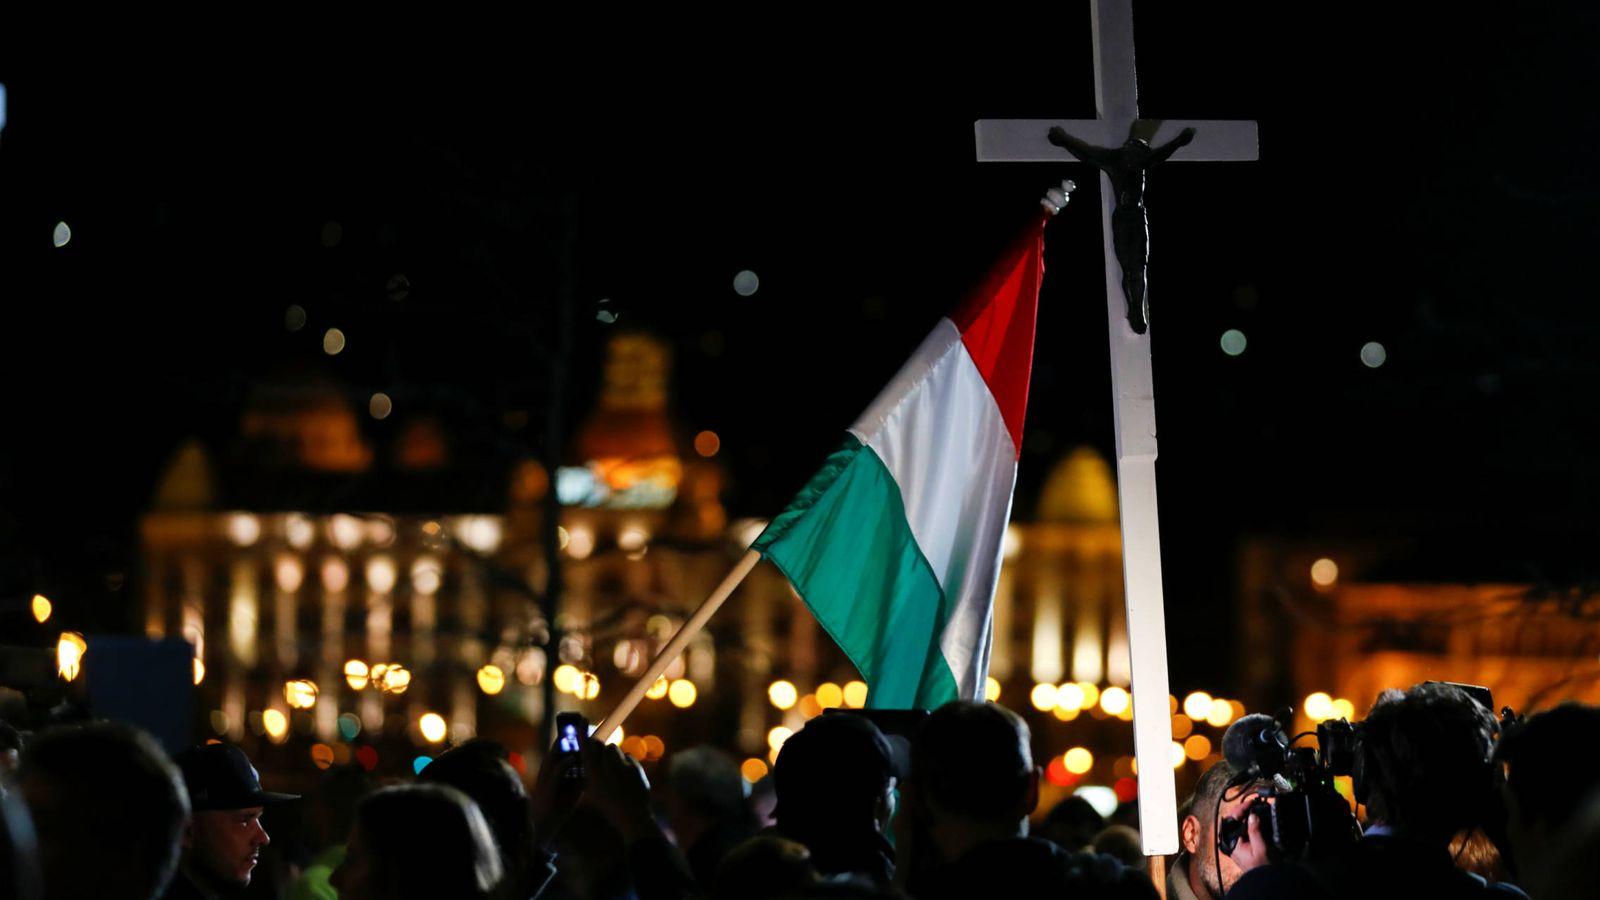 Foto: Votantes del partido Fidesz durante el anuncio de los resultados preliminares de las elecciones, en Budapest. (Reuters)